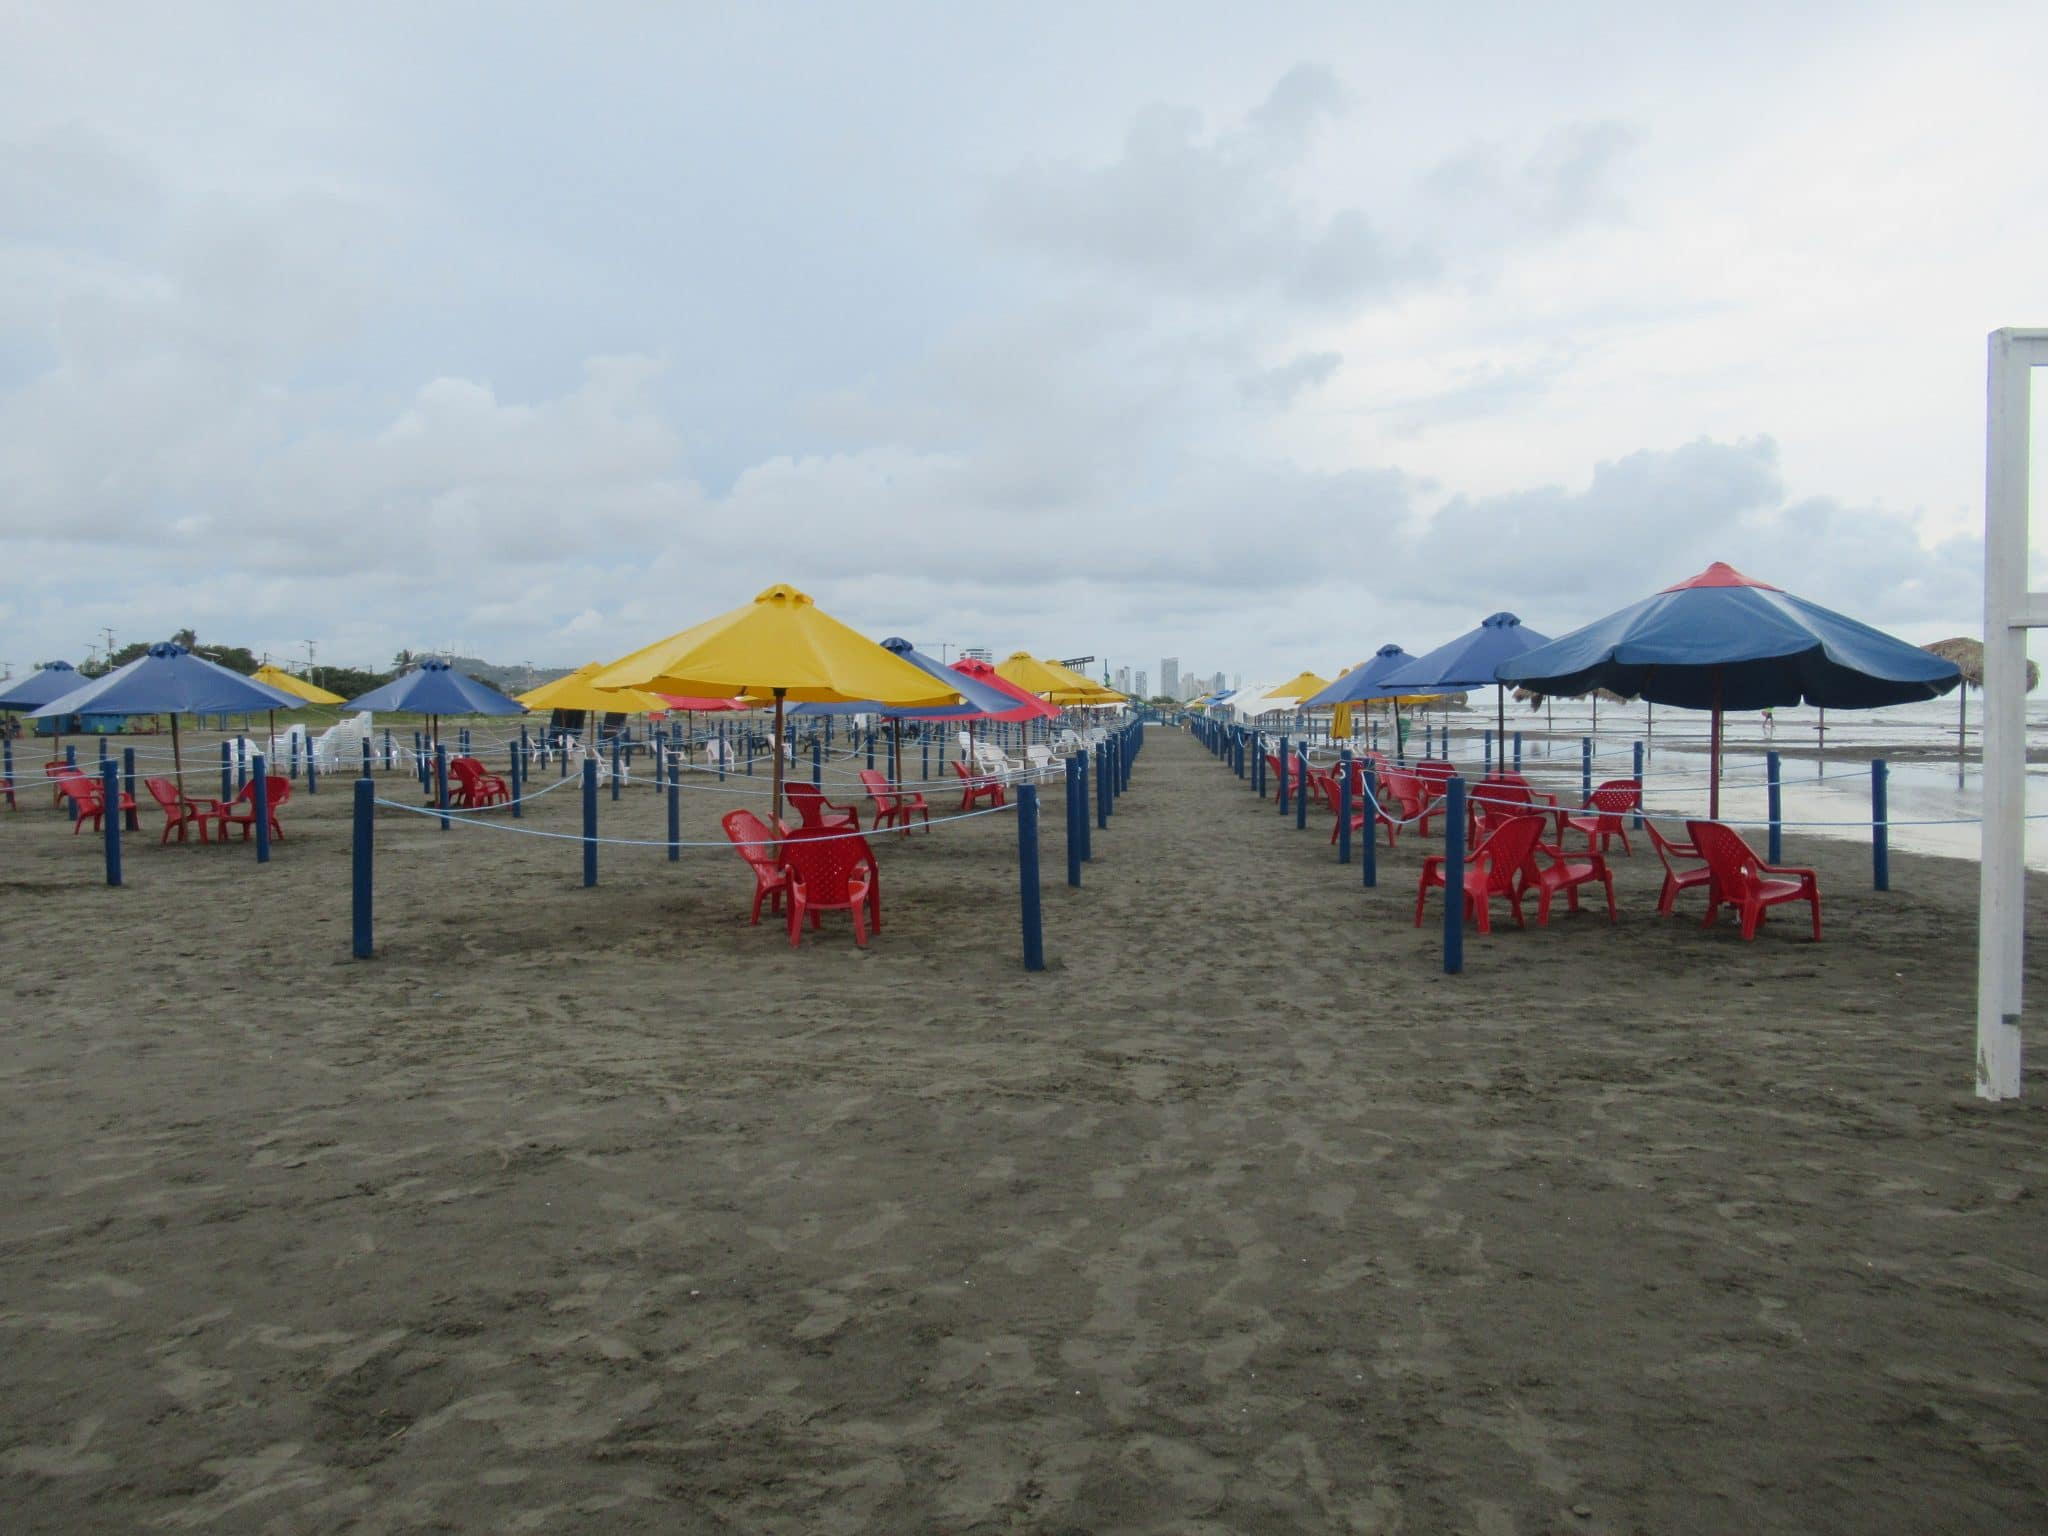 Reapertura de las playas de Cartagena (actualización Abril 2021) – Guía practica de los protocolos de bio-seguridad en las playas abiertas de Cartagena